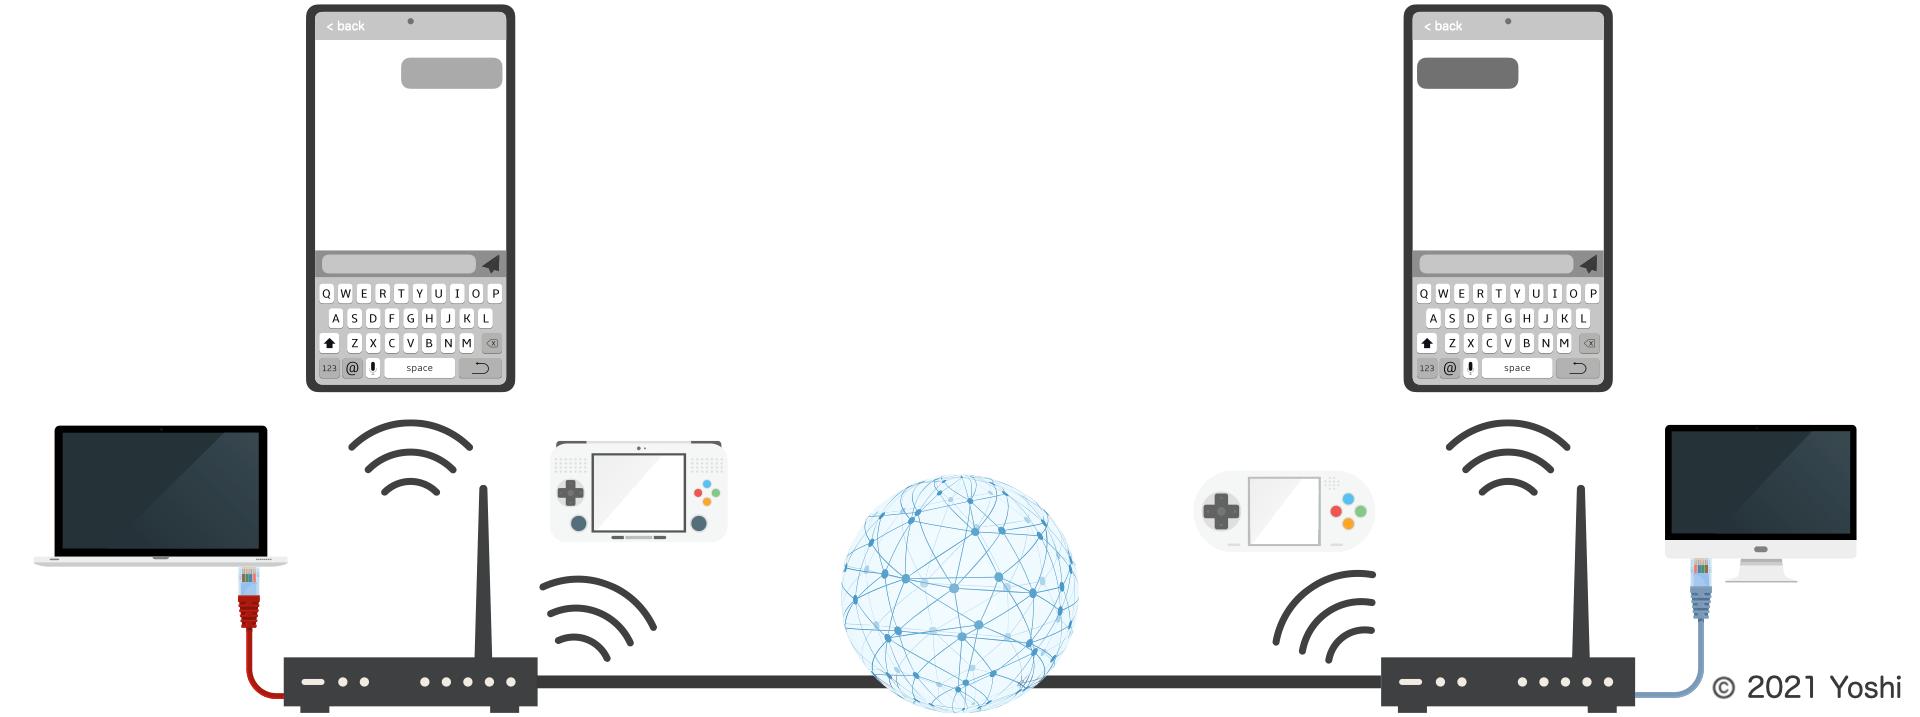 通信ネットワークの全体像